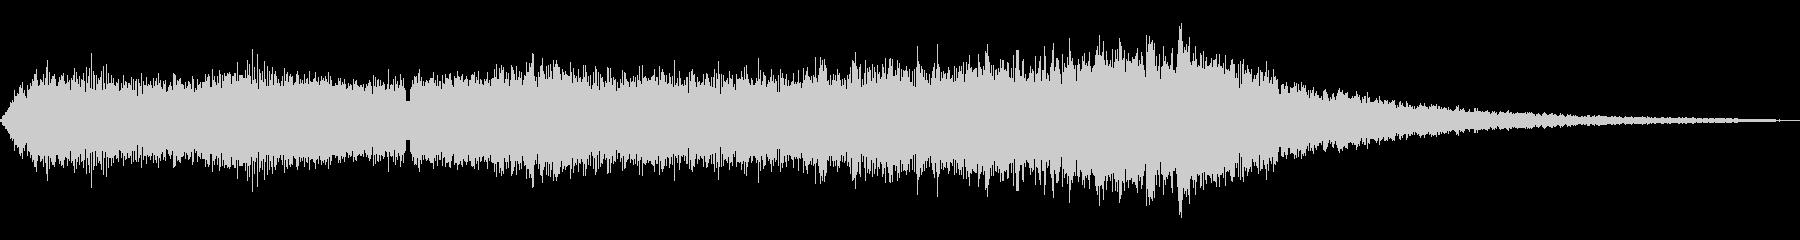 ウォームシンセドローン、音楽FX;...の未再生の波形